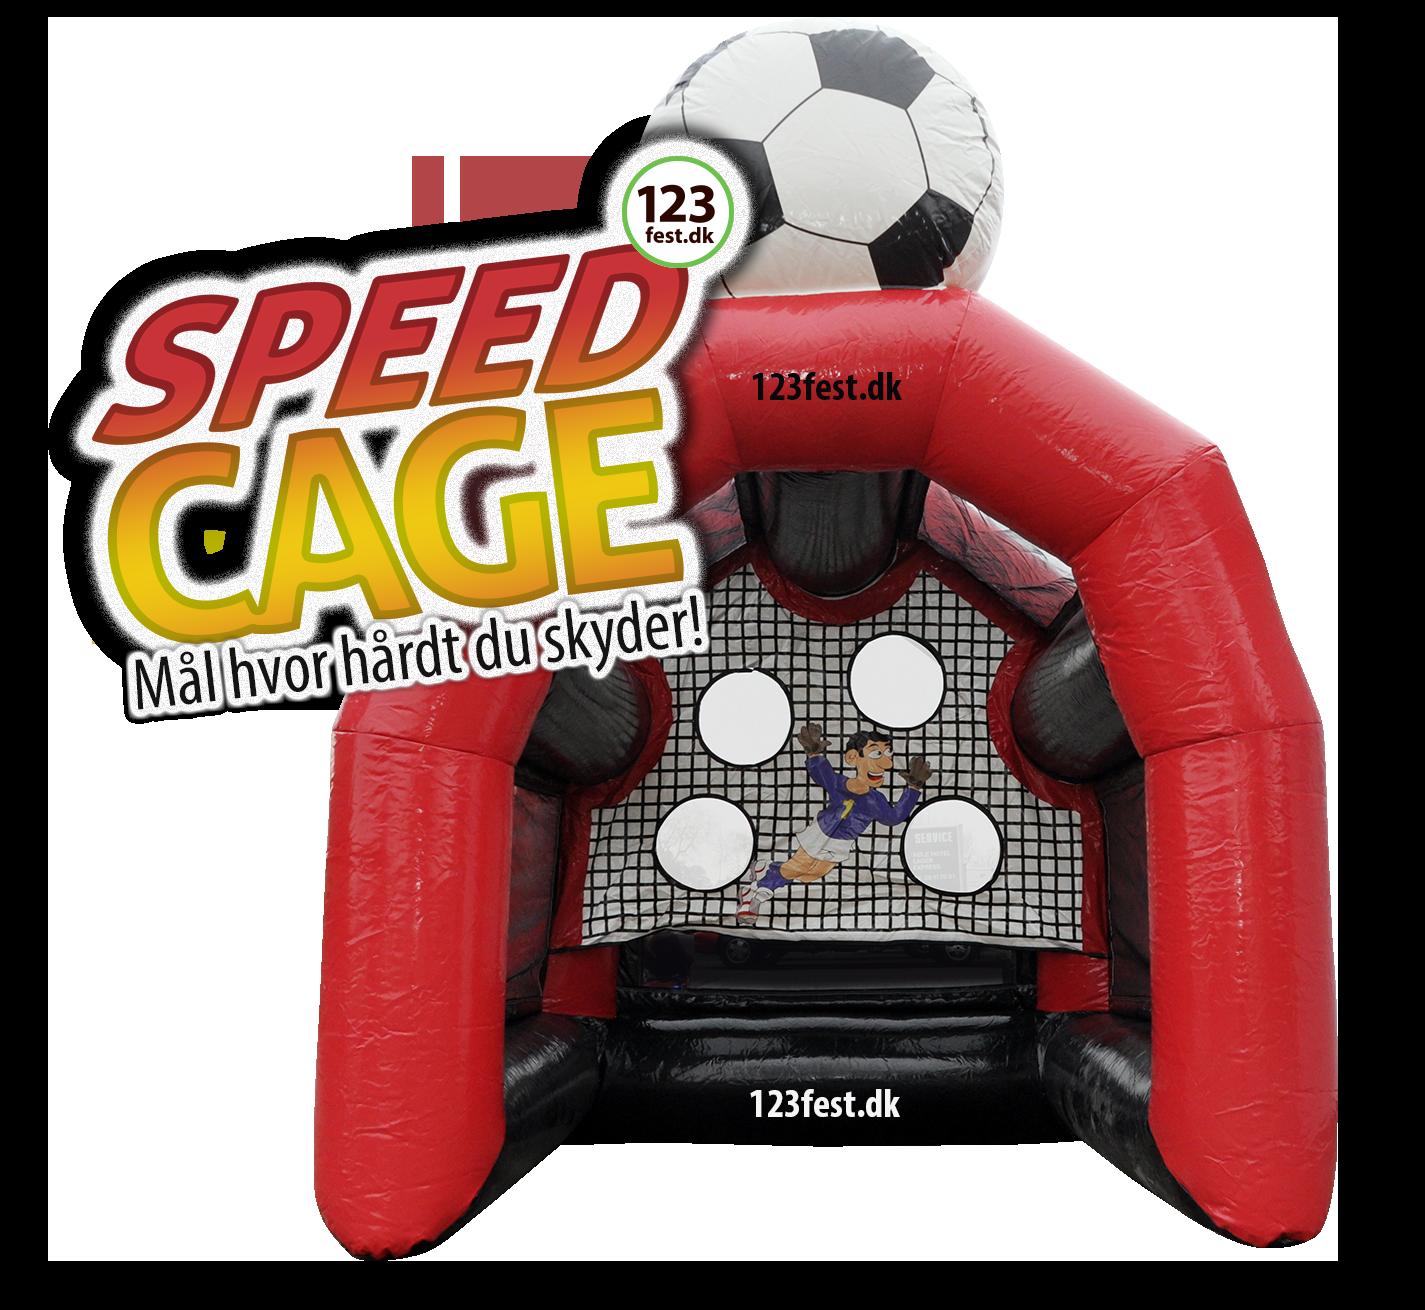 speedcage - måler hvor hårdt du skryder!